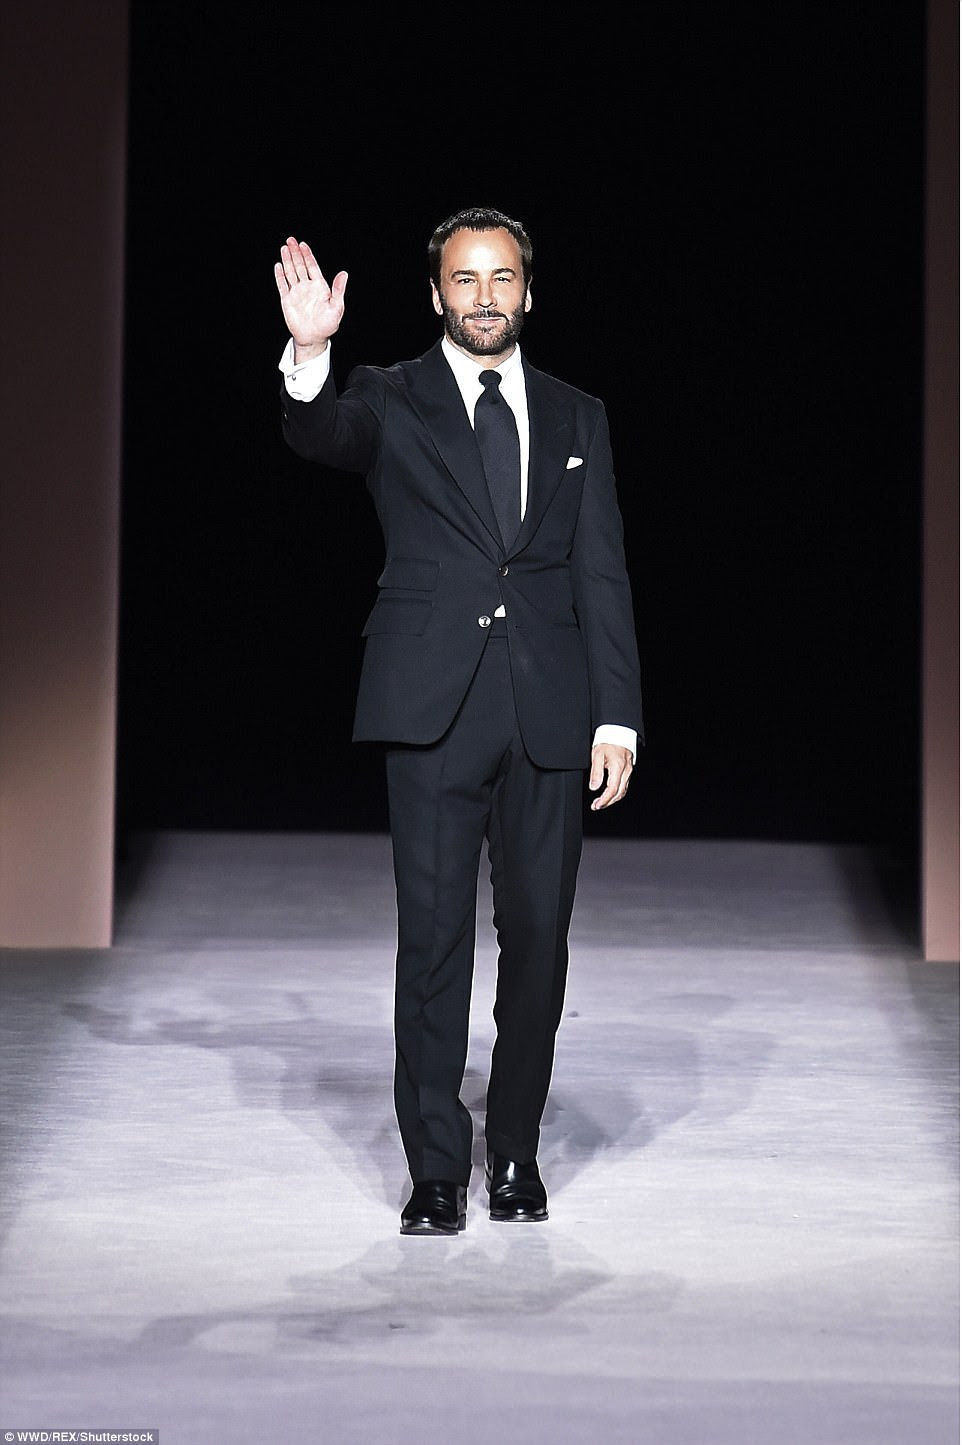 Muito bem feito: Tom Ford, 56 anos, lançou seu rótulo de luxo em 2006 depois de trabalhar anteriormente em Gucci e Yves Saint Laurent como Diretor criativo